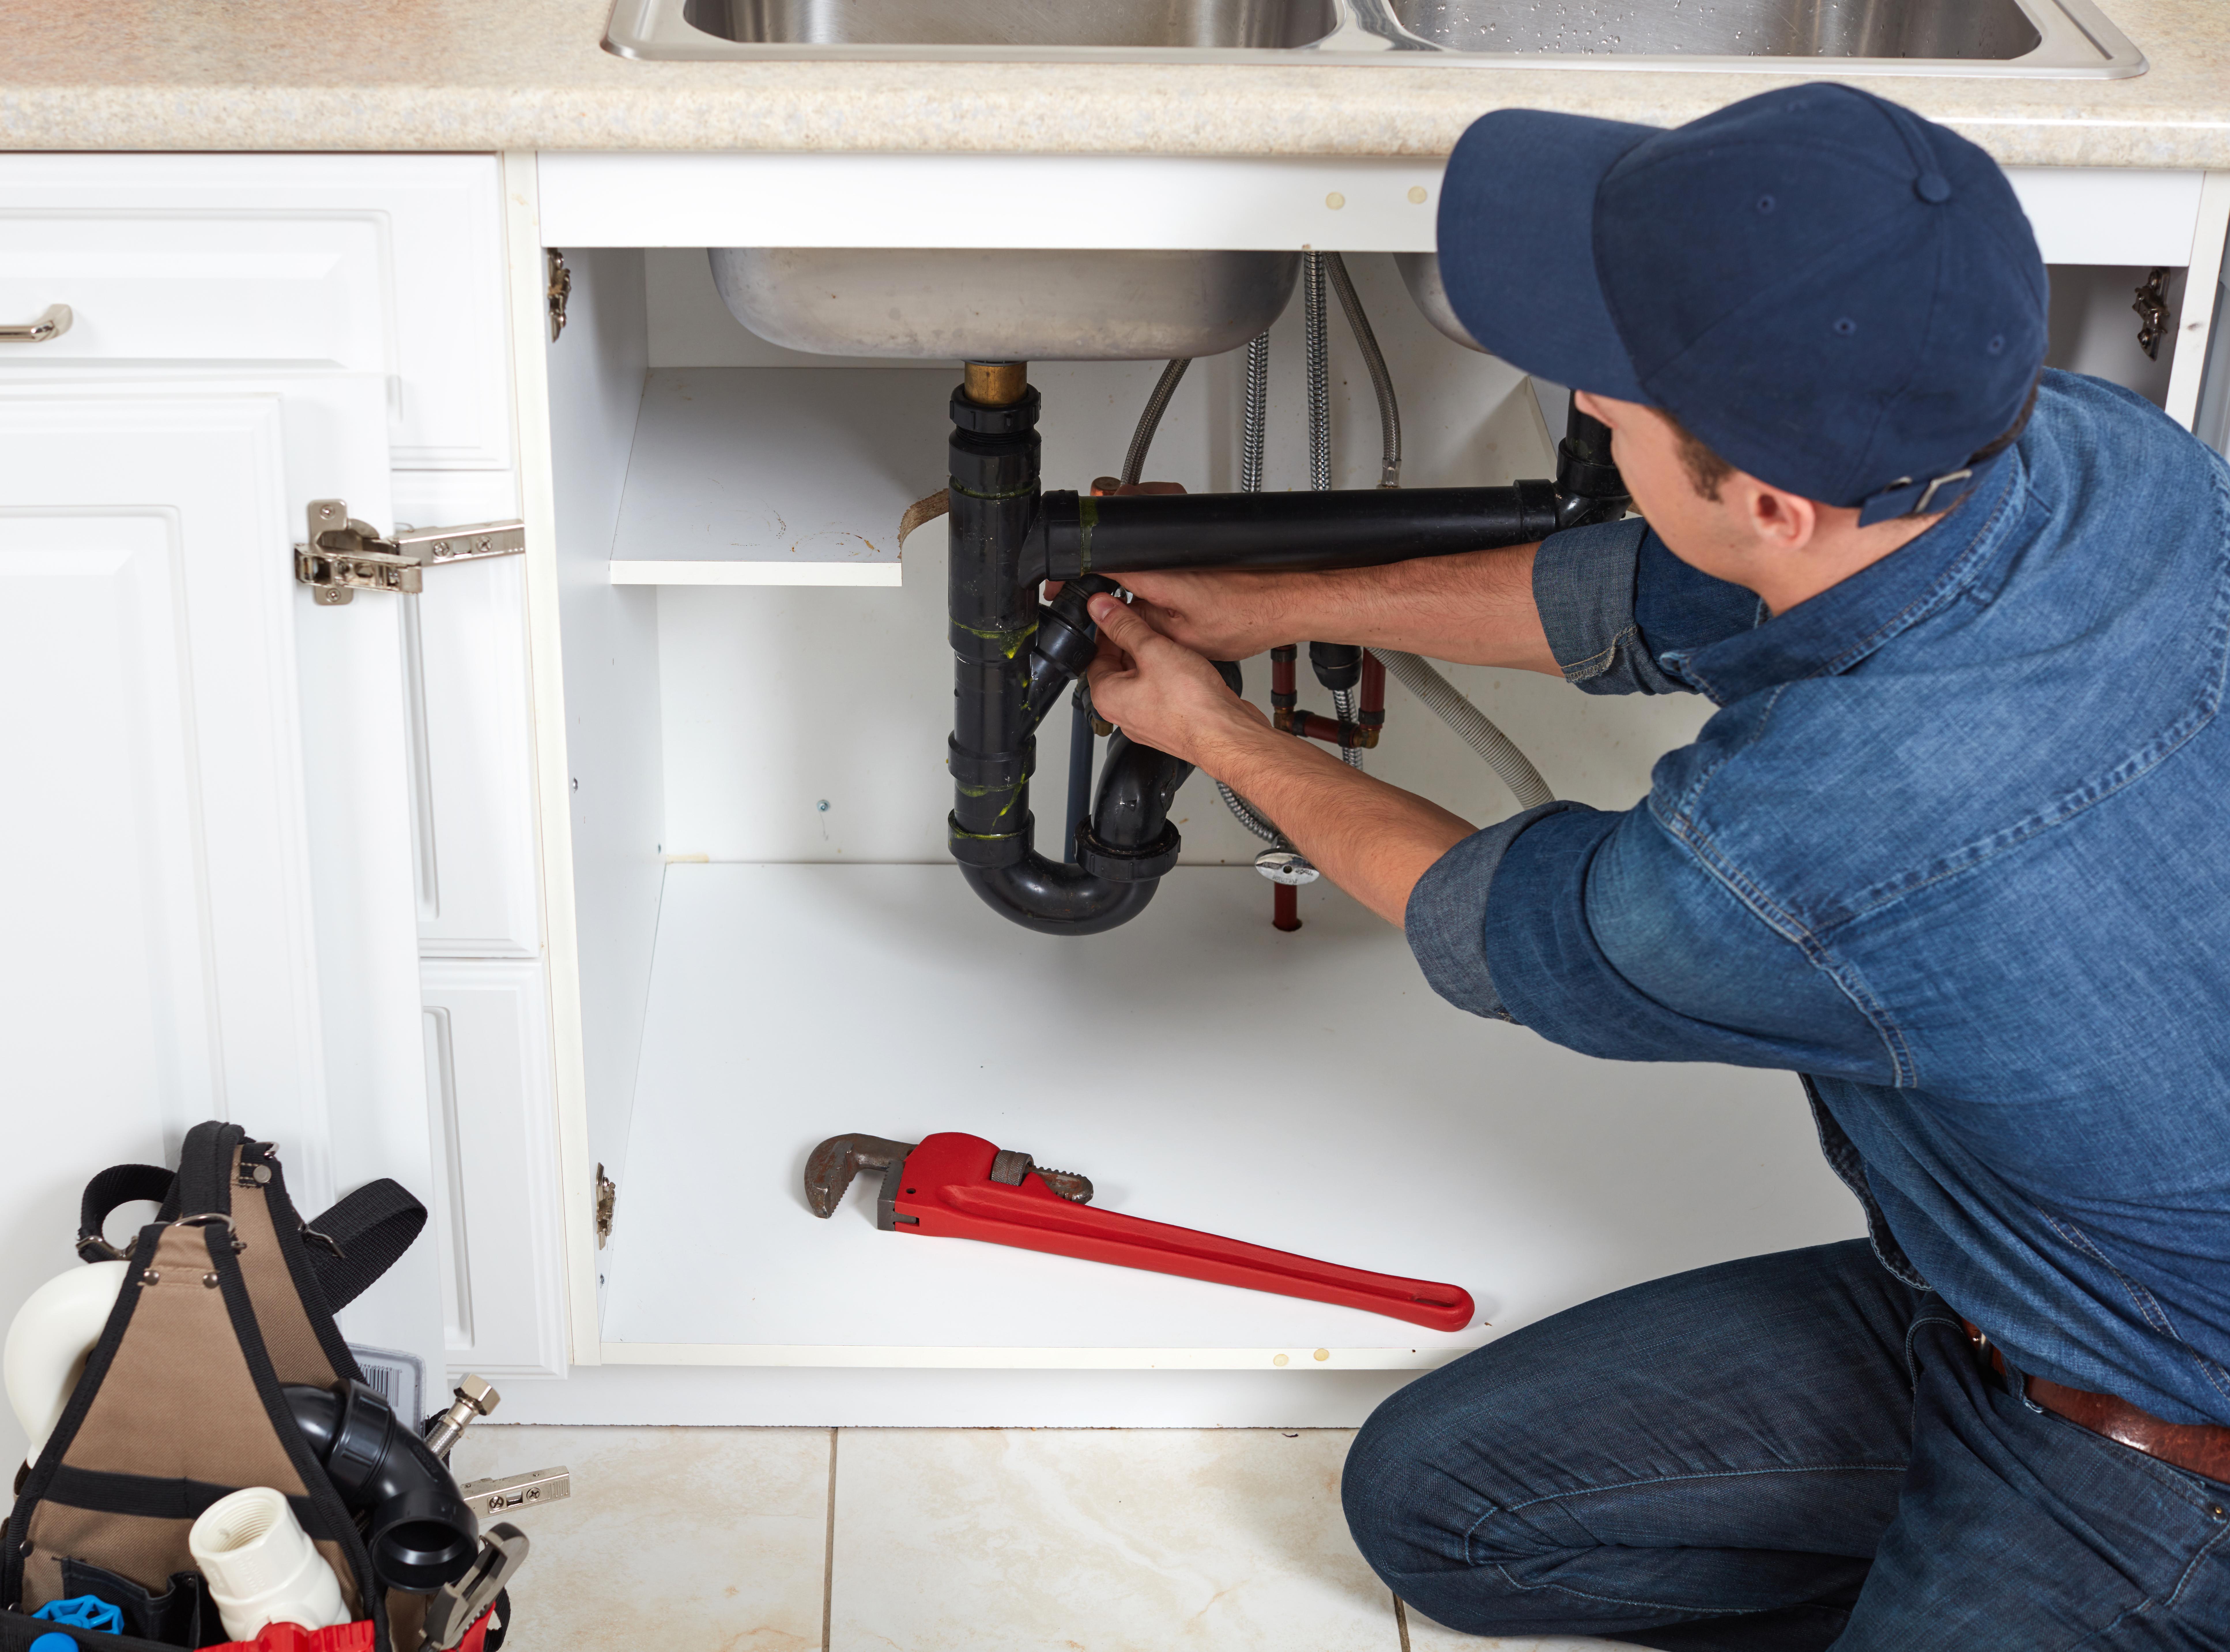 A plumber fixes a clogged sink (Shutterstock/ kurhan)